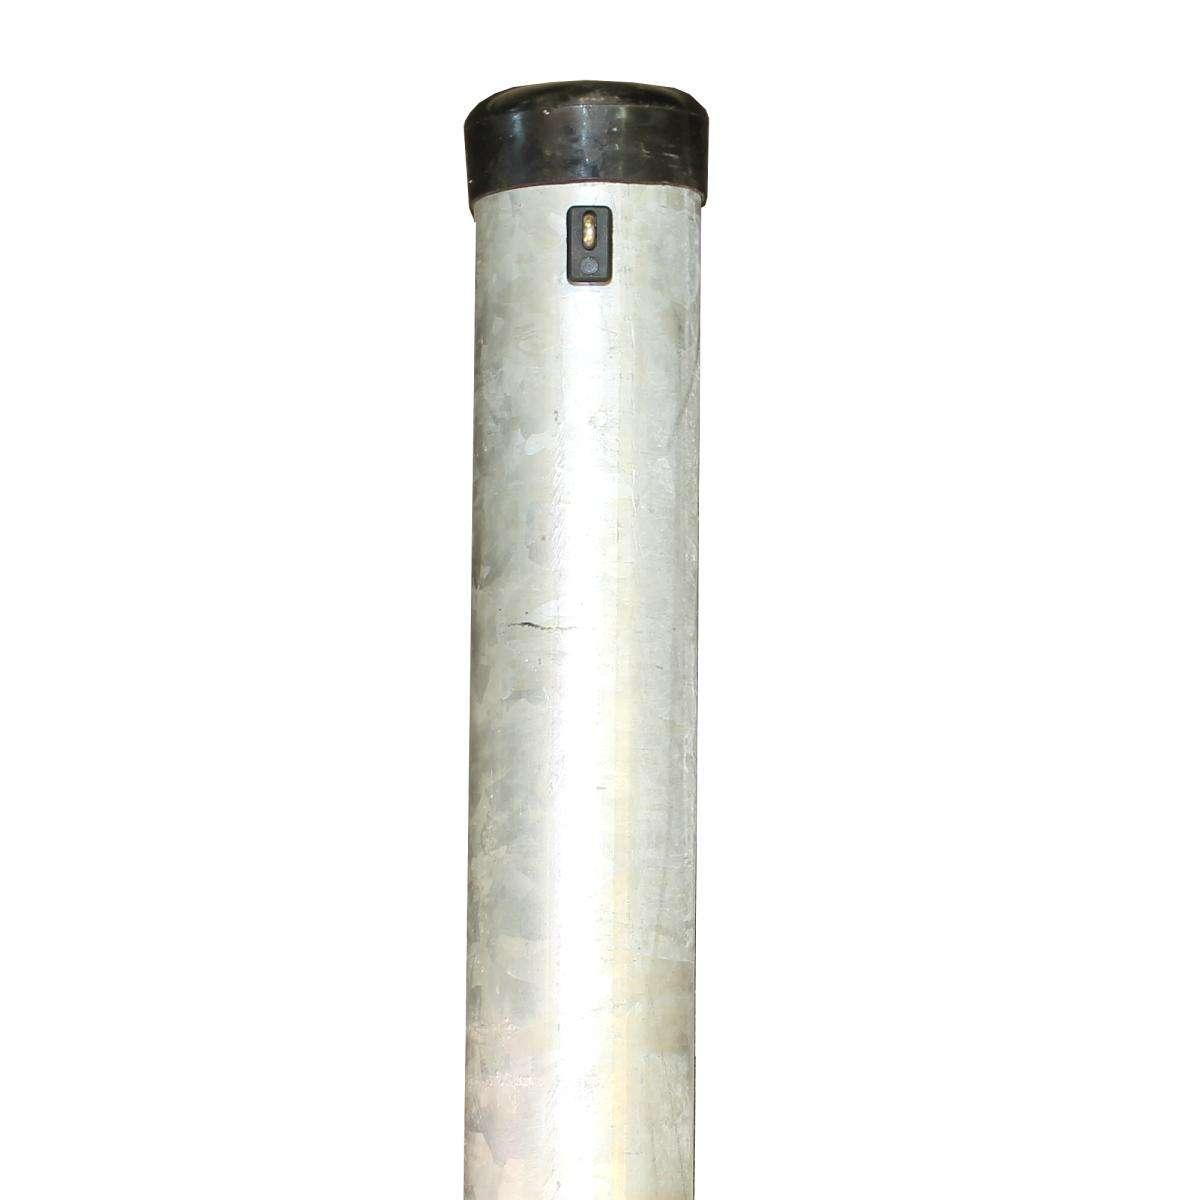 Zaunhöhe 3000 mm Pfosten verzinkt ˜ 76x3750 mm